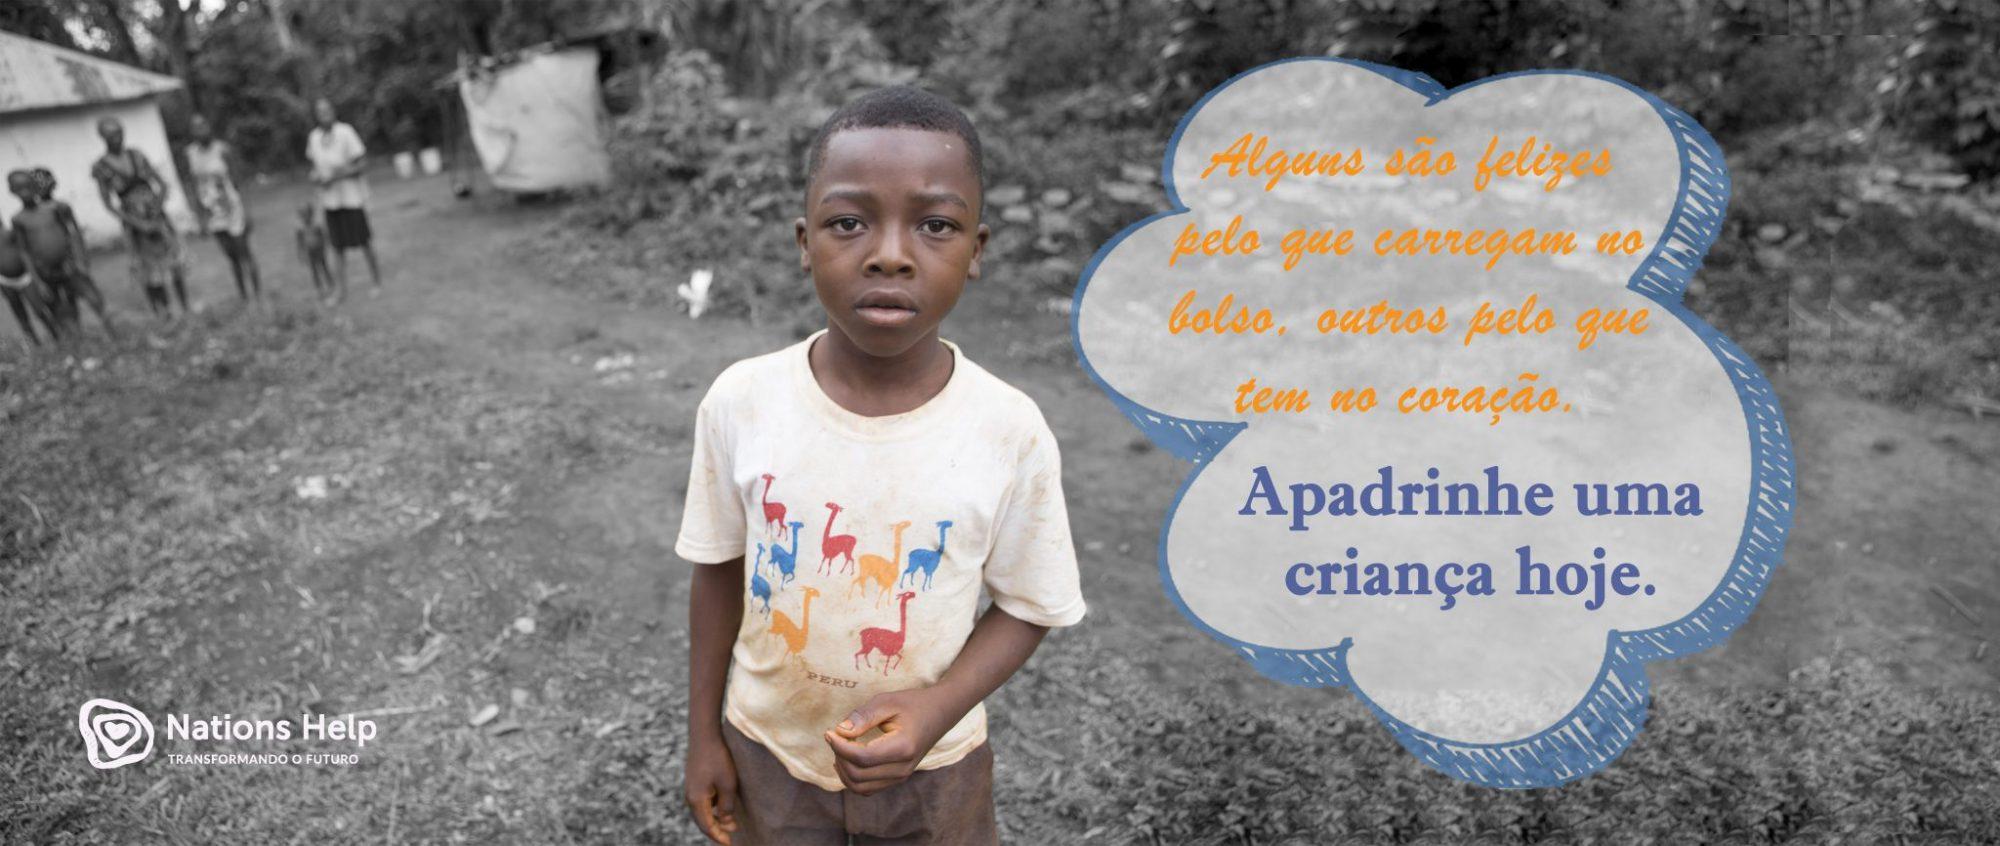 Apadrinhamento-21.08.17-Slide-Site